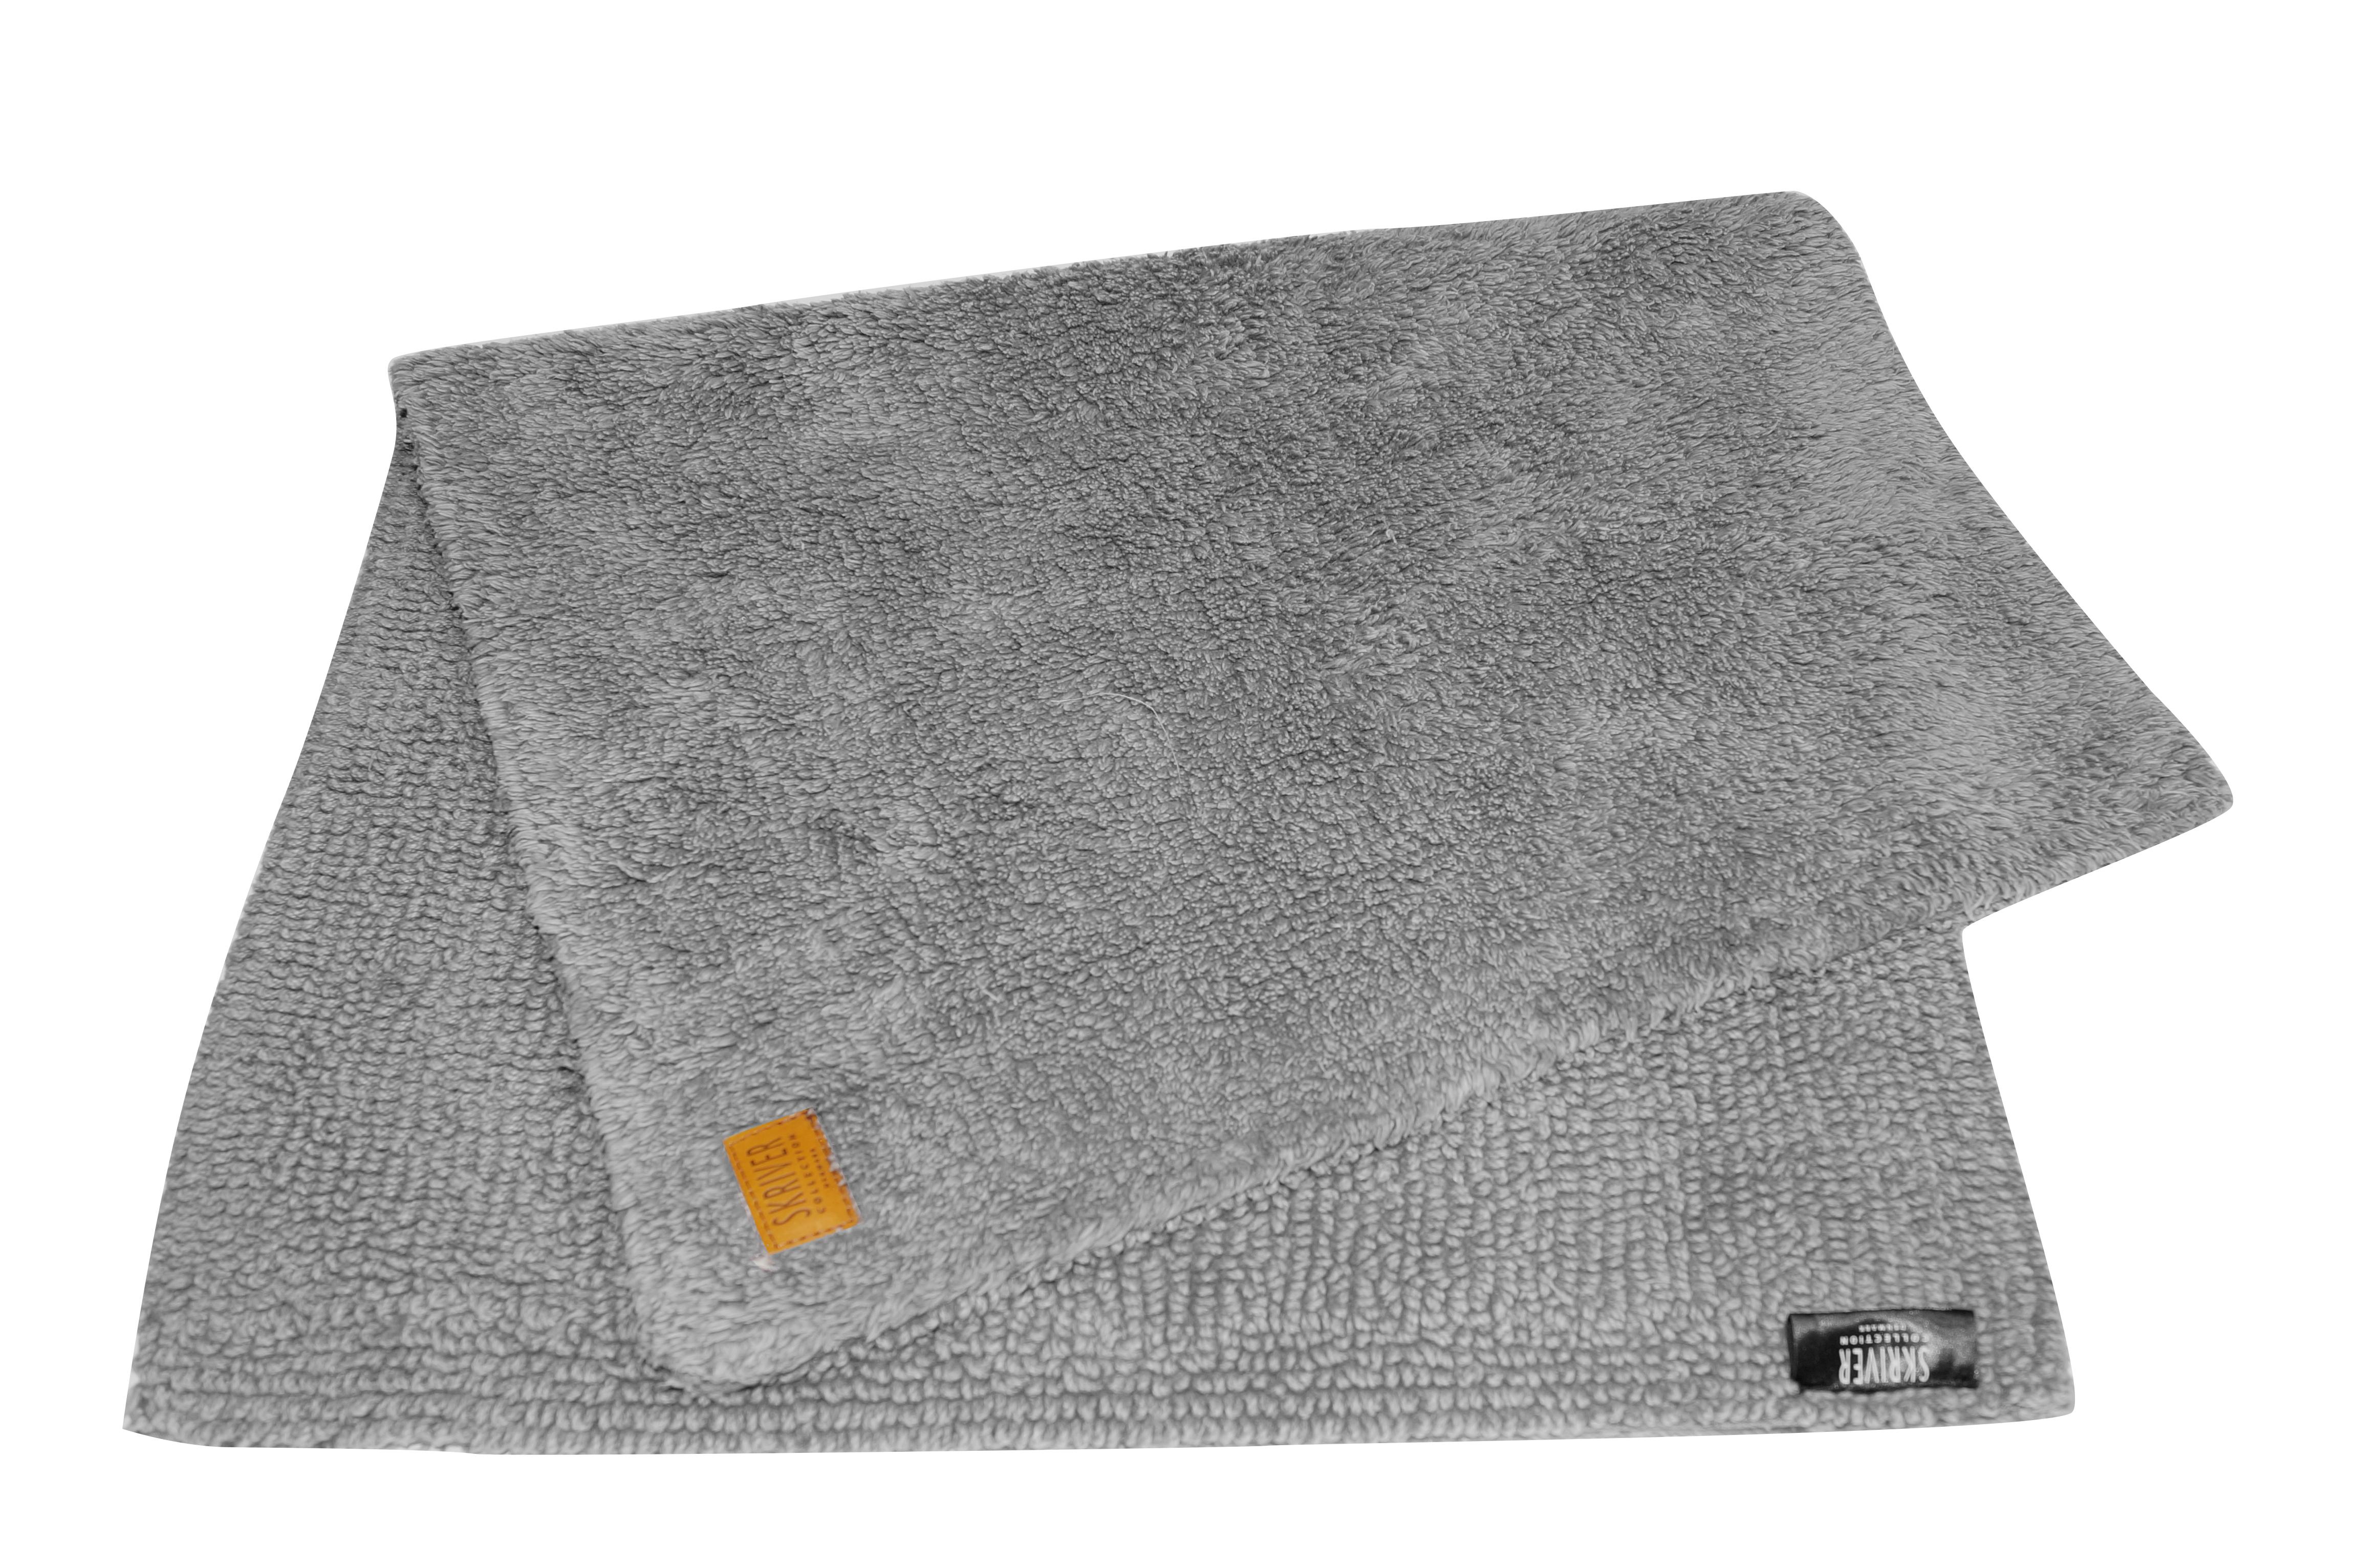 Skriver bademåtte, 80x120 cm, grå